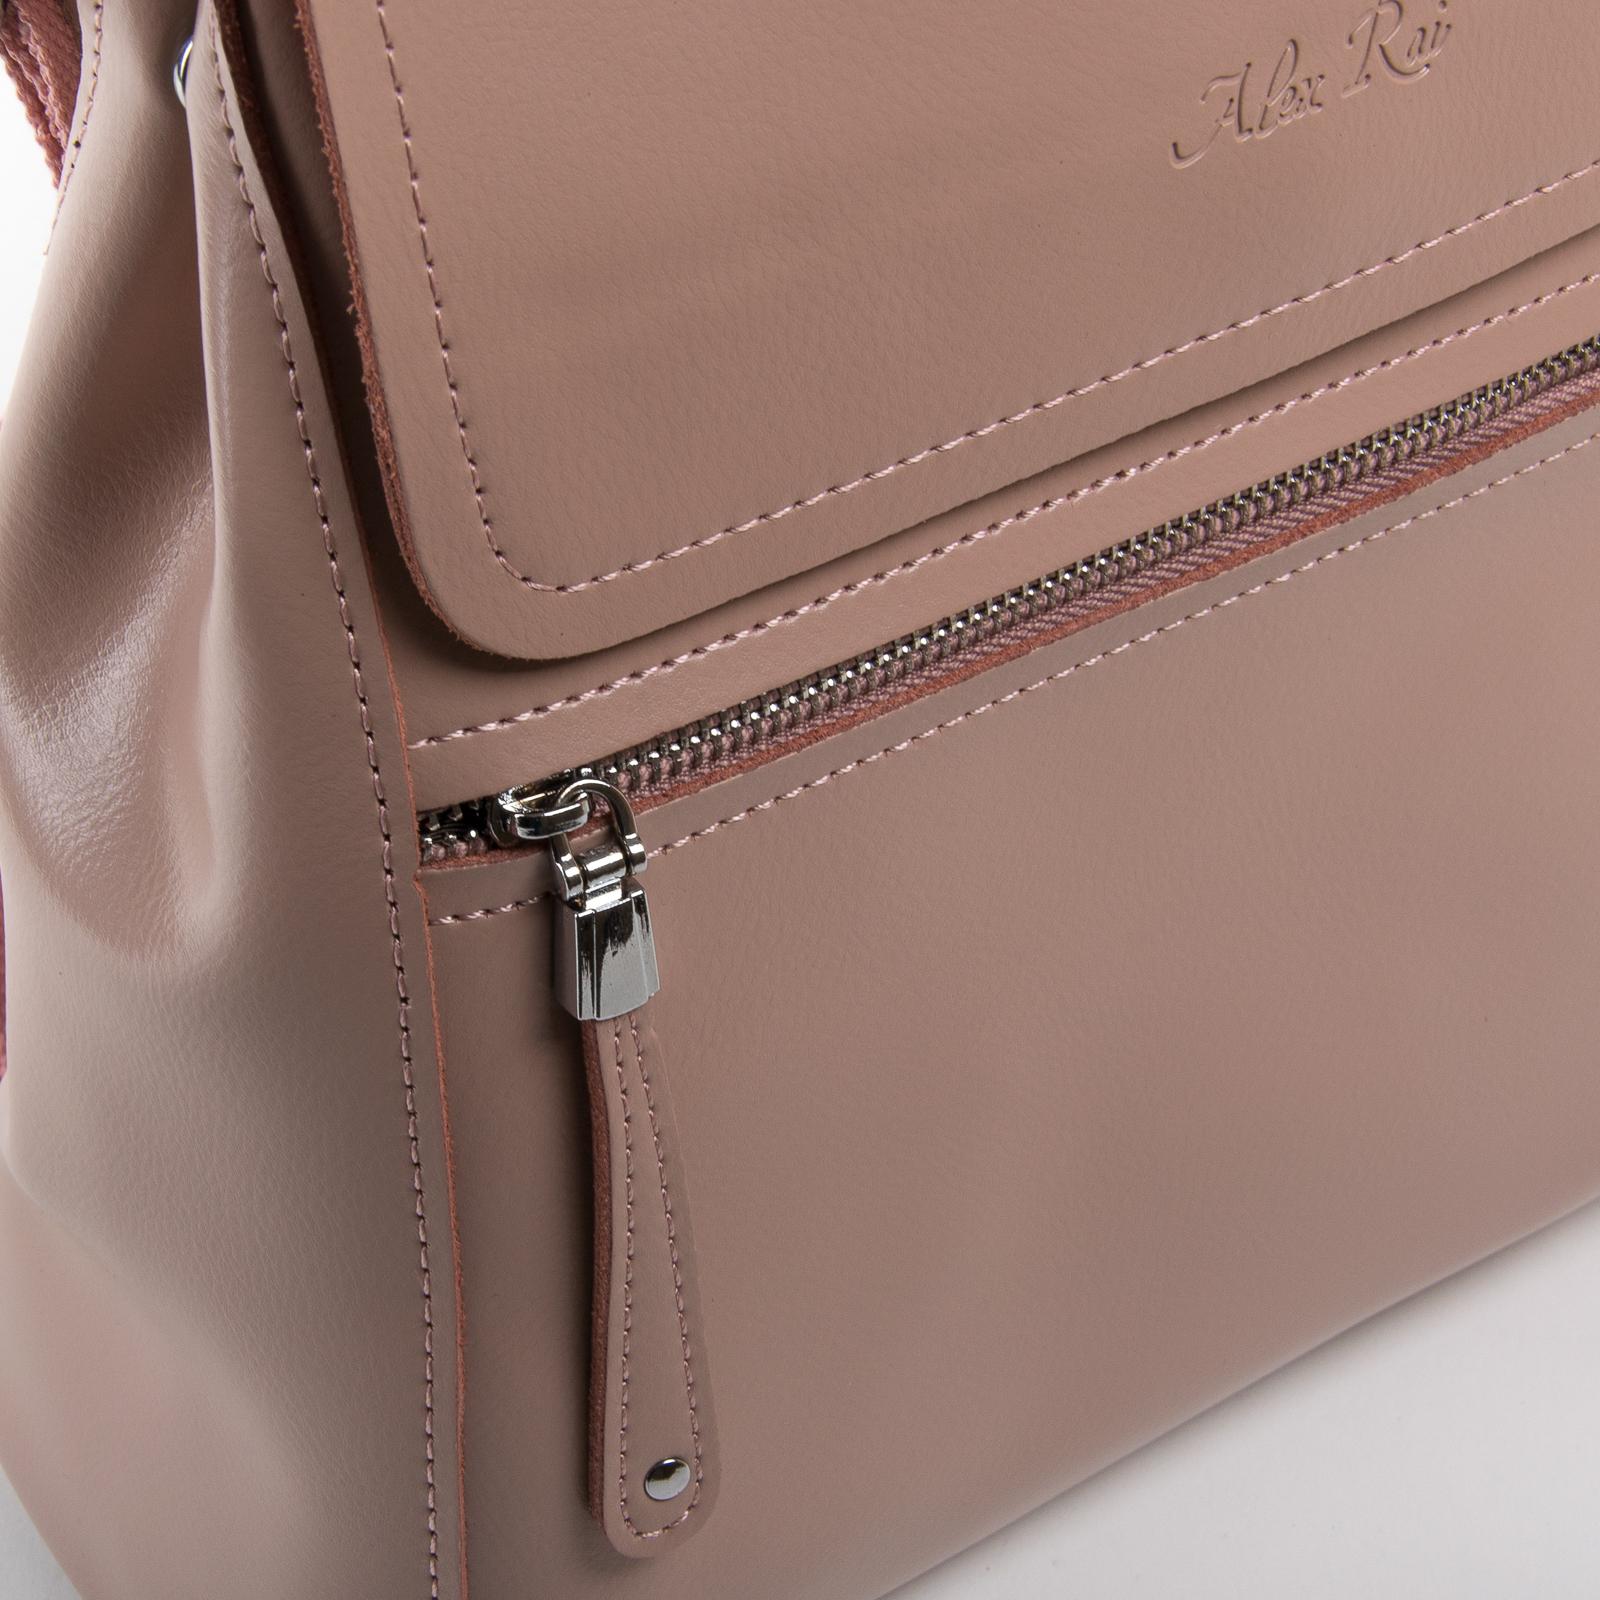 Сумка Женская Рюкзак кожа ALEX RAI 1005 l-rose - фото 3